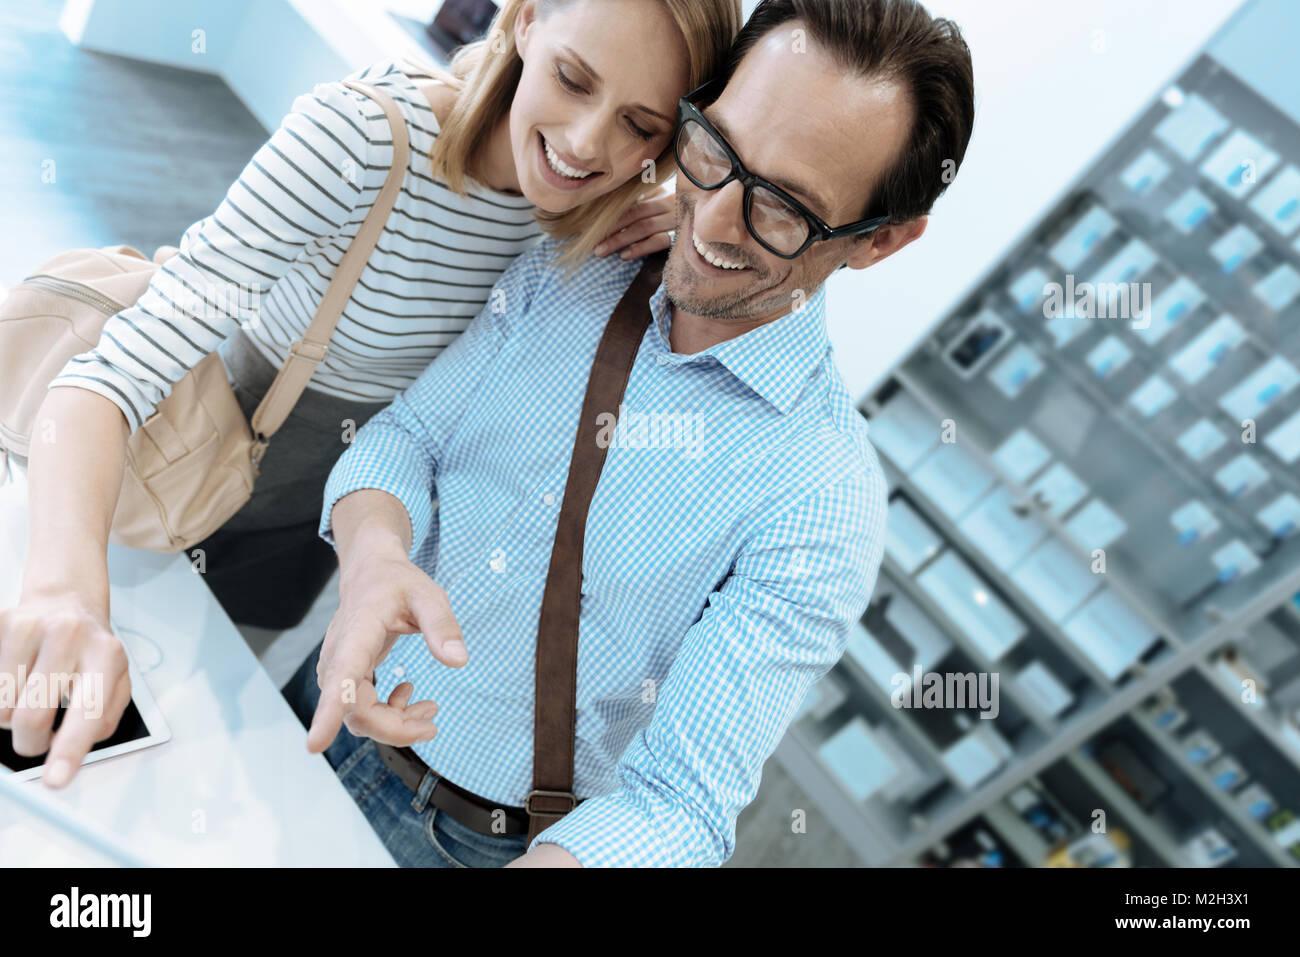 Couple aimant choisir ensemble téléphone Photo Stock